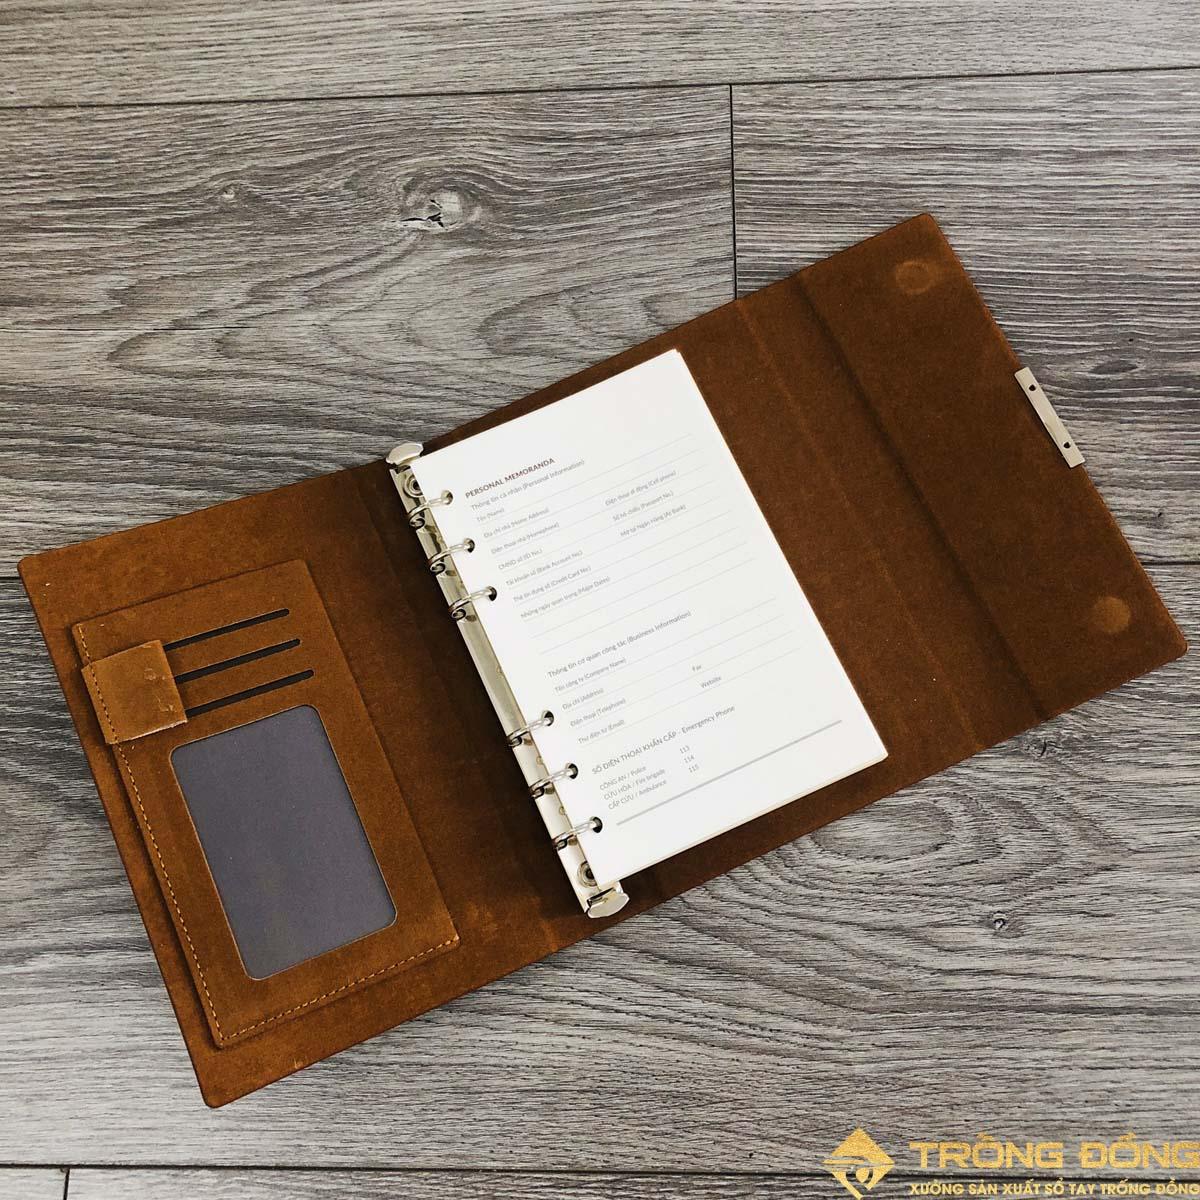 Các ngăn phụ của sổ tay LSA6 - 01B